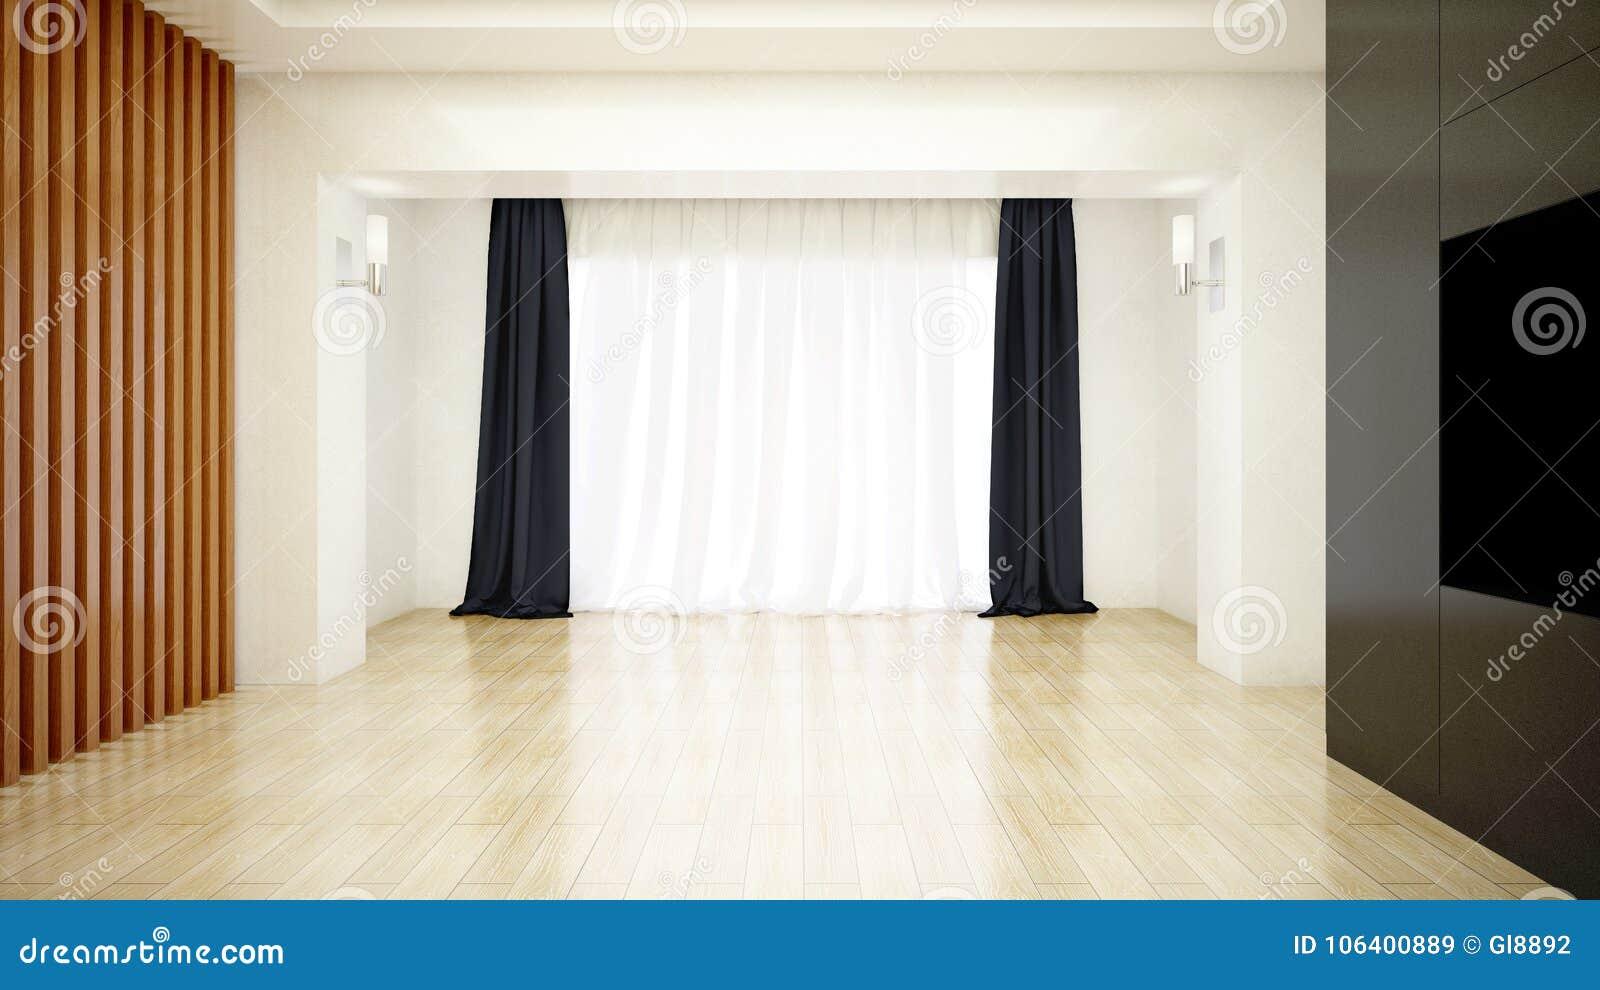 Heller Raum Verziert Mit Weißem Sauberem Vorhang Und Hölzernem